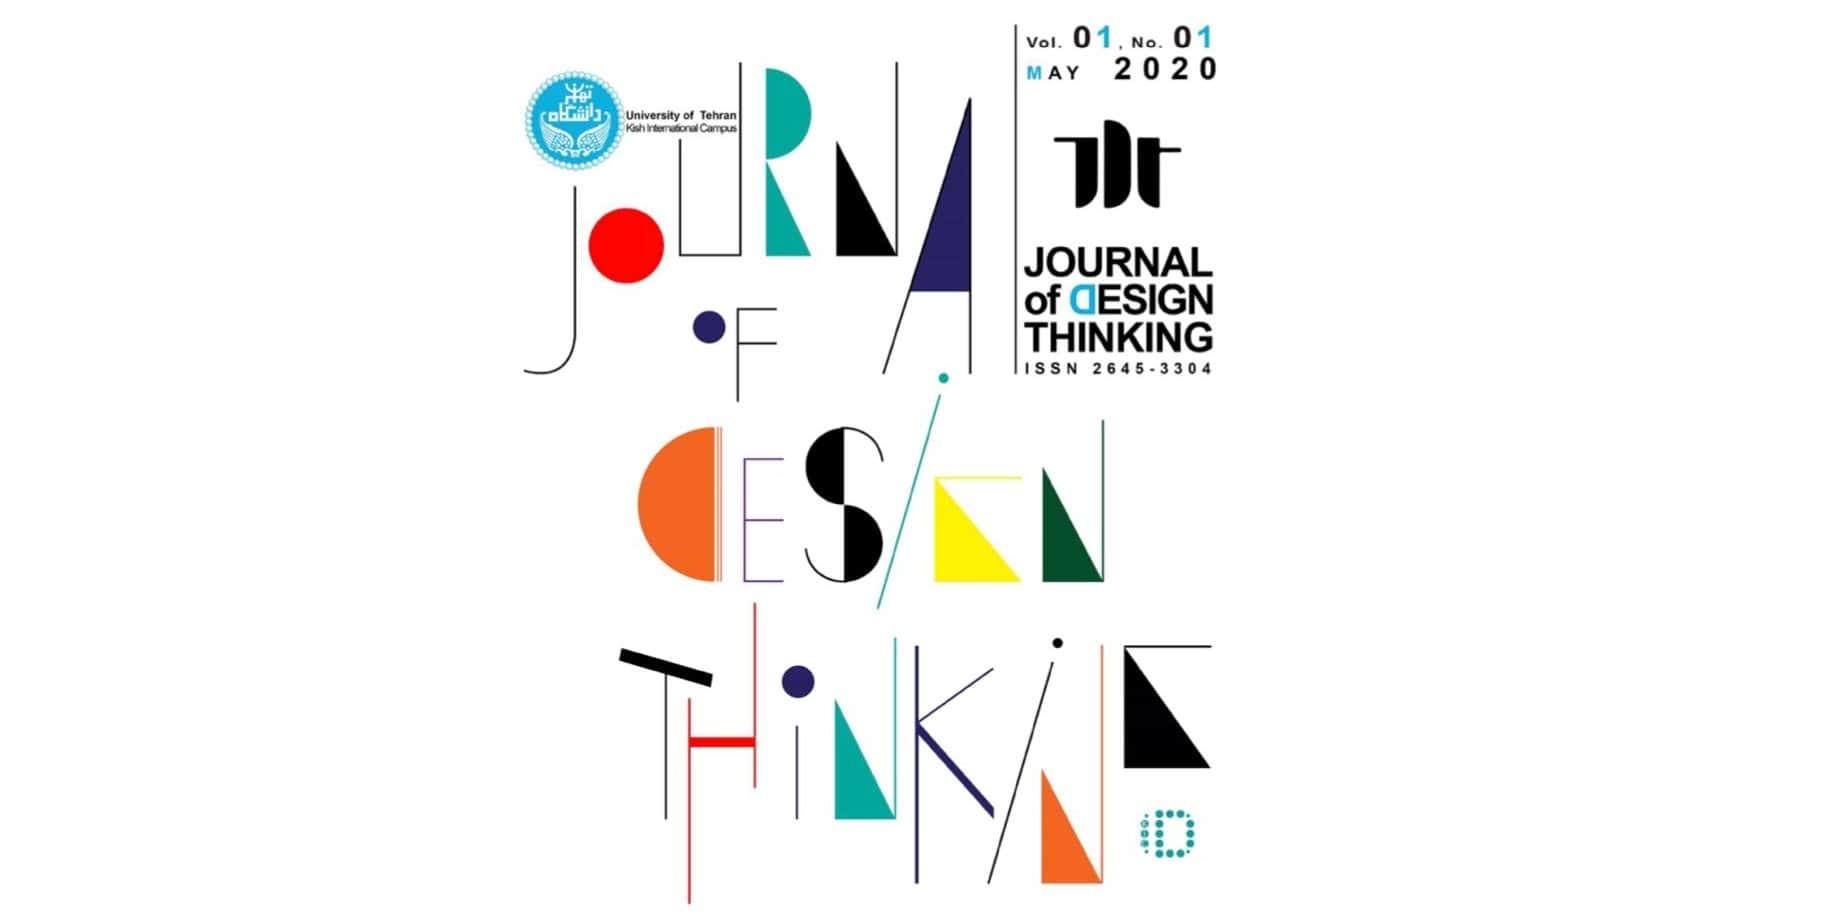 به اطلاع میرساند که اولین شماره مجله تفکر طراحی منتشر شد.